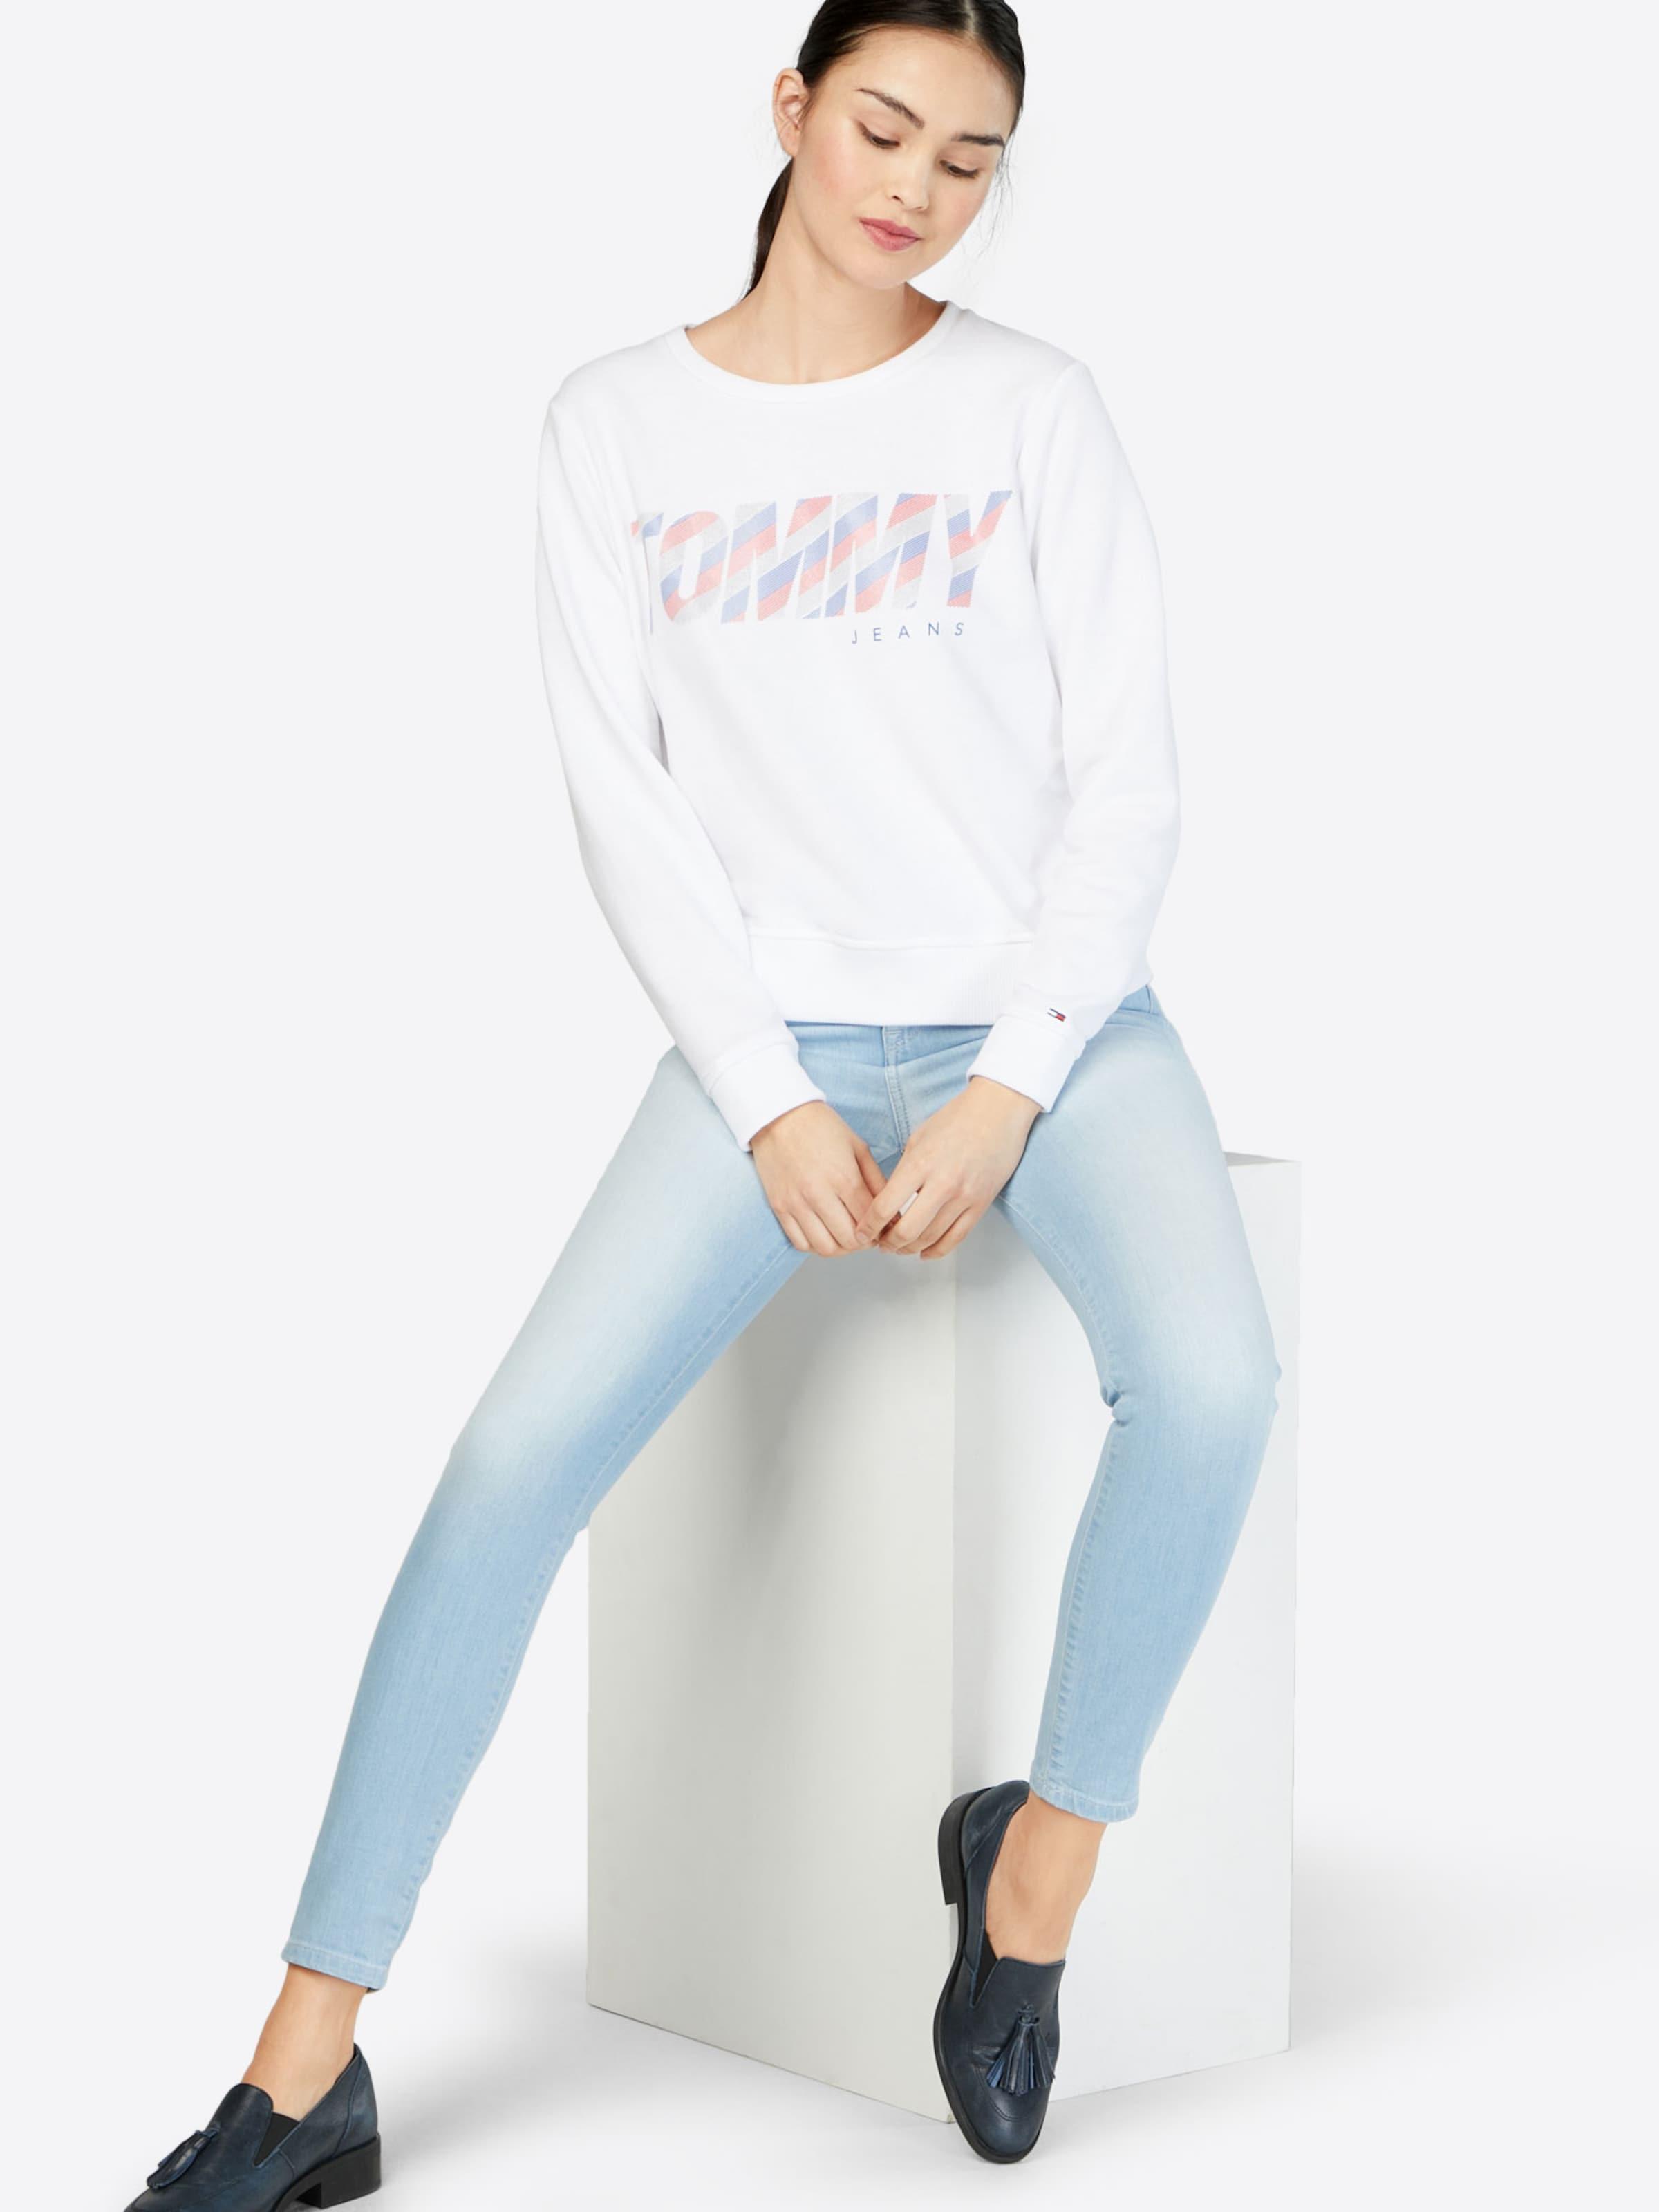 Tommy Jeans Sweatshirt mit Label-Print Spielraum Bestseller Zum Verkauf Günstigen Preis Vorbestellung Günstiger Preis ROV6QUncUM